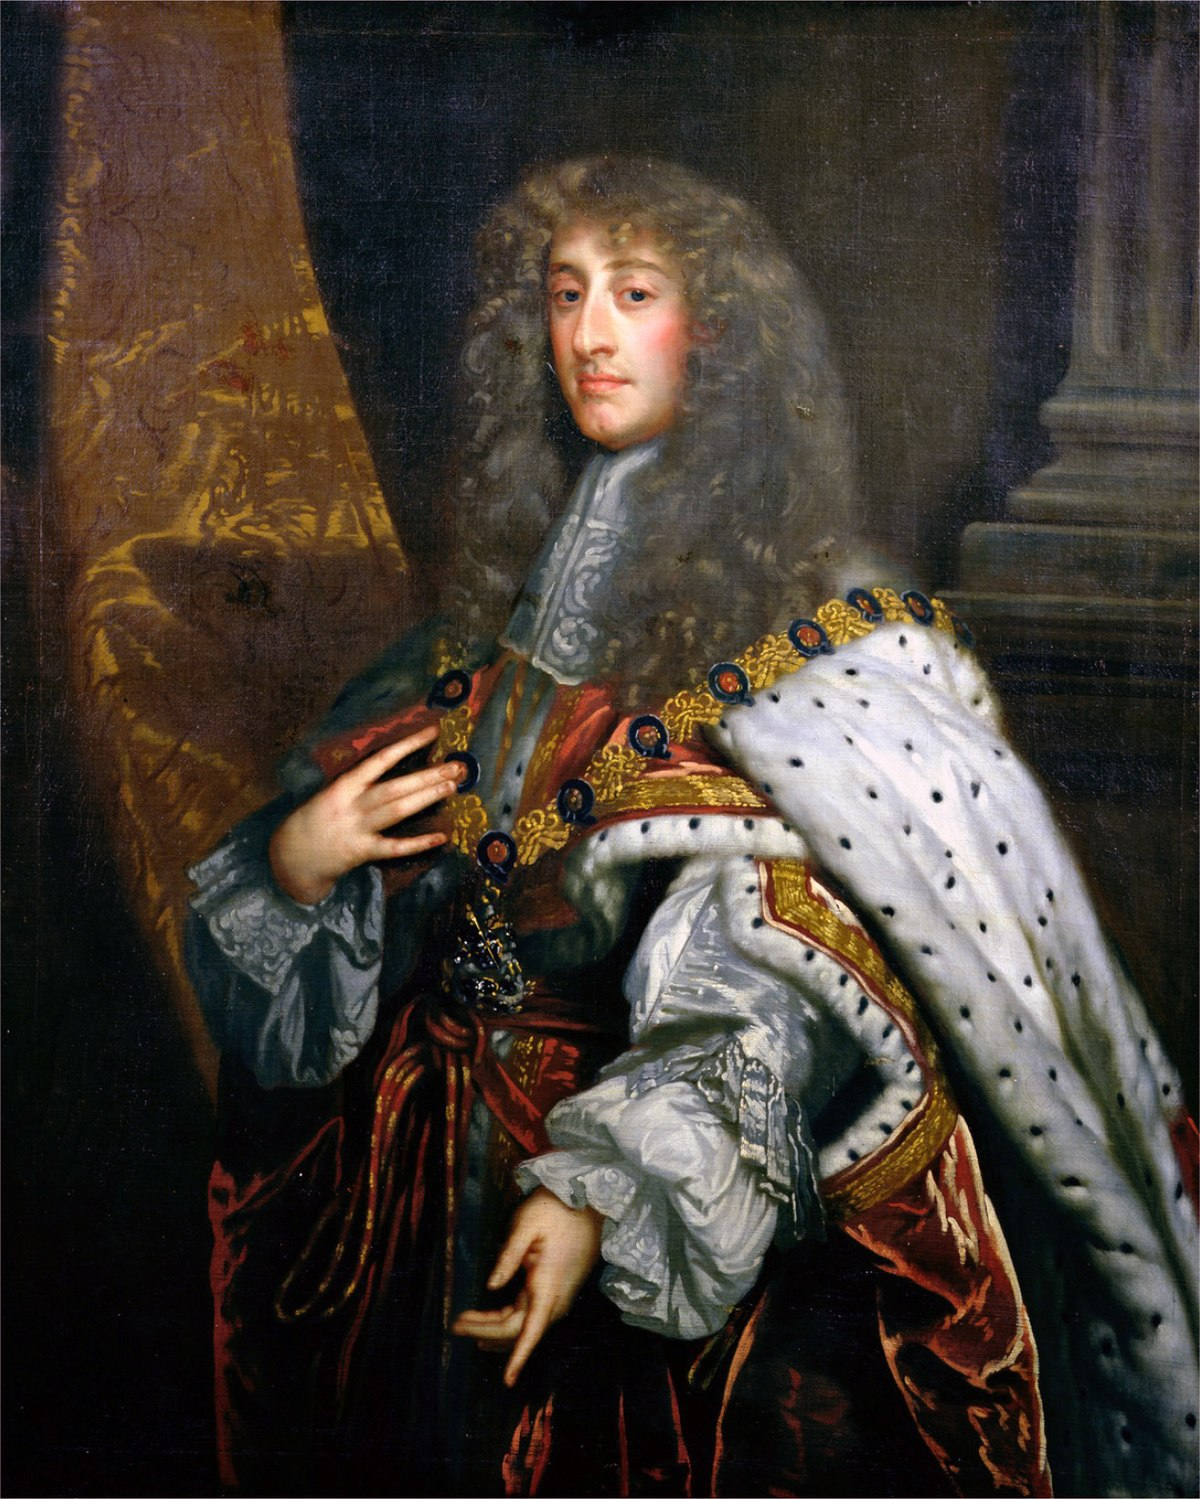 James II of England - Wikipedia